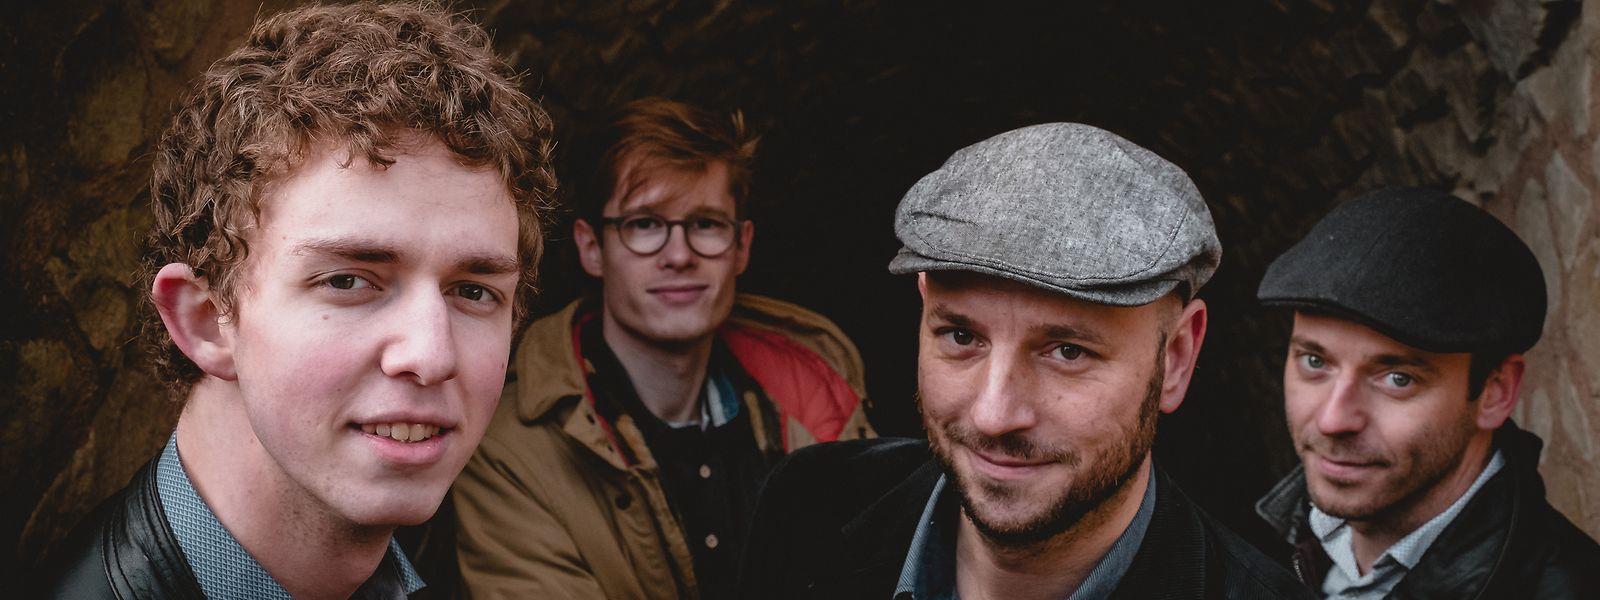 L'Arthur Possing Quartet s'installera à l'Aalt Stadhaus de Differdange, le mercredi 18 septembre.